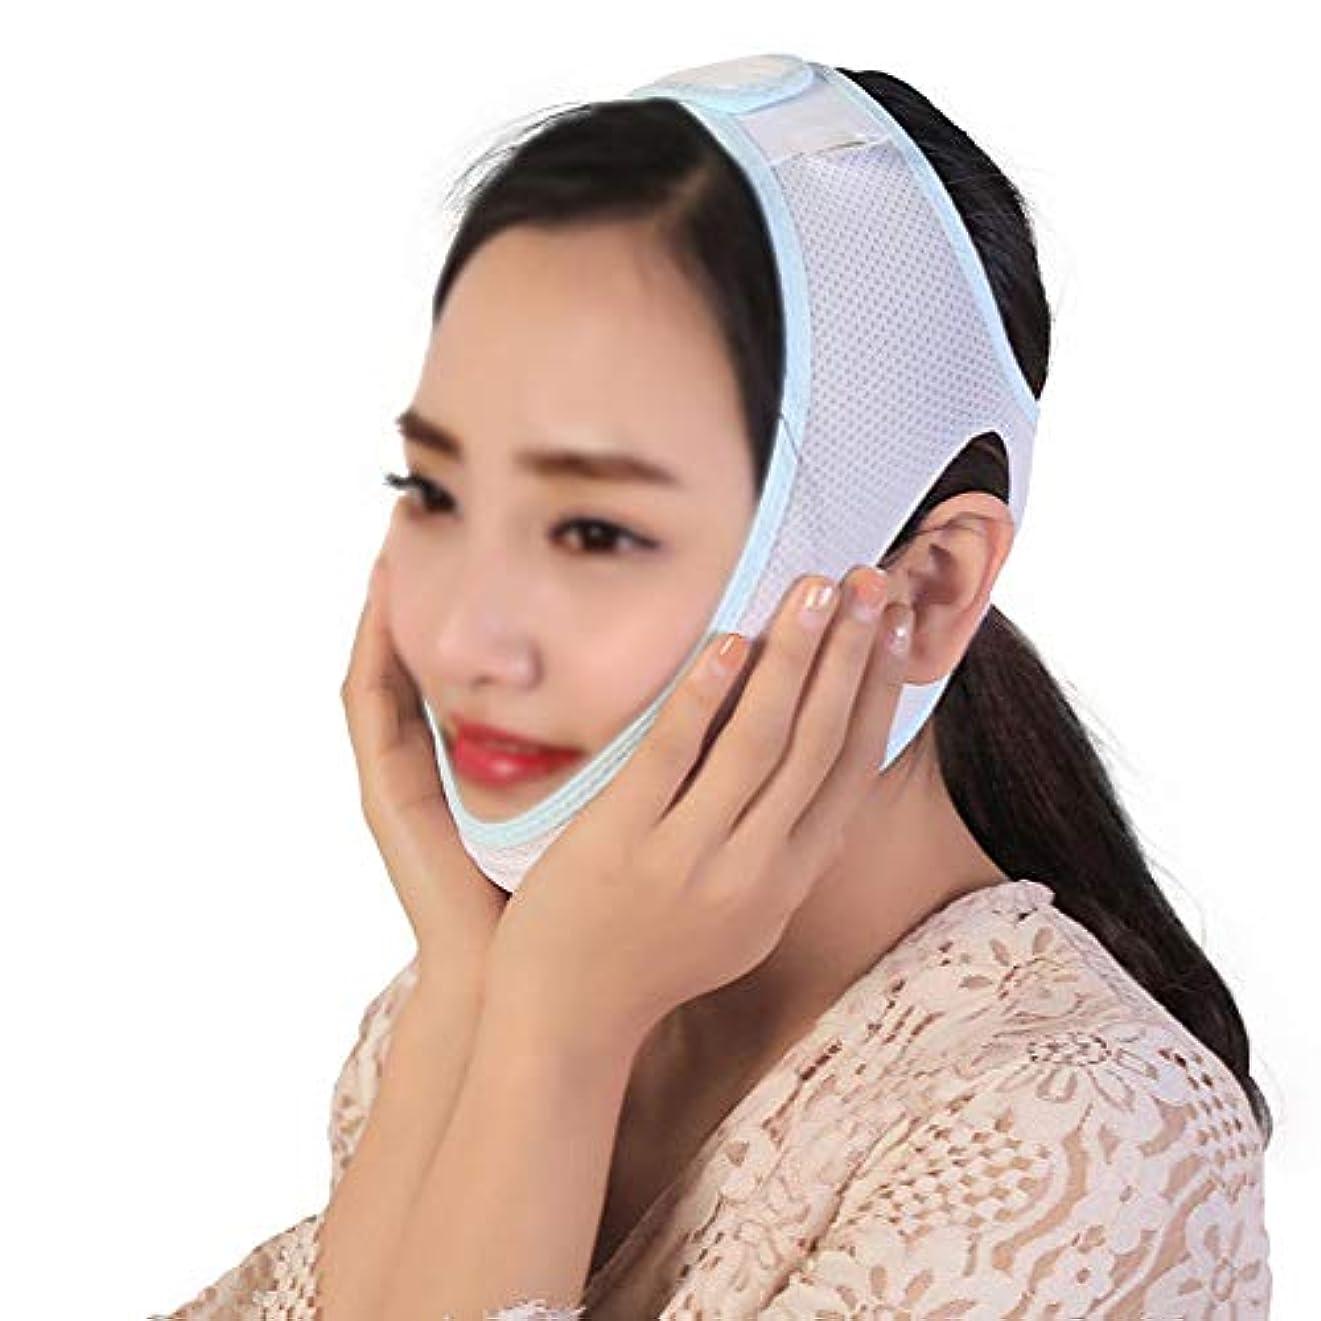 機転添加カードTLMY ファーミングマスクスモールVフェイスアーティファクトリフティングサーフェスプラスチックマスクコンフォートアップグレード最適化改善顔面カーブ包括的な通気性包帯 顔用整形マスク (Size : M)